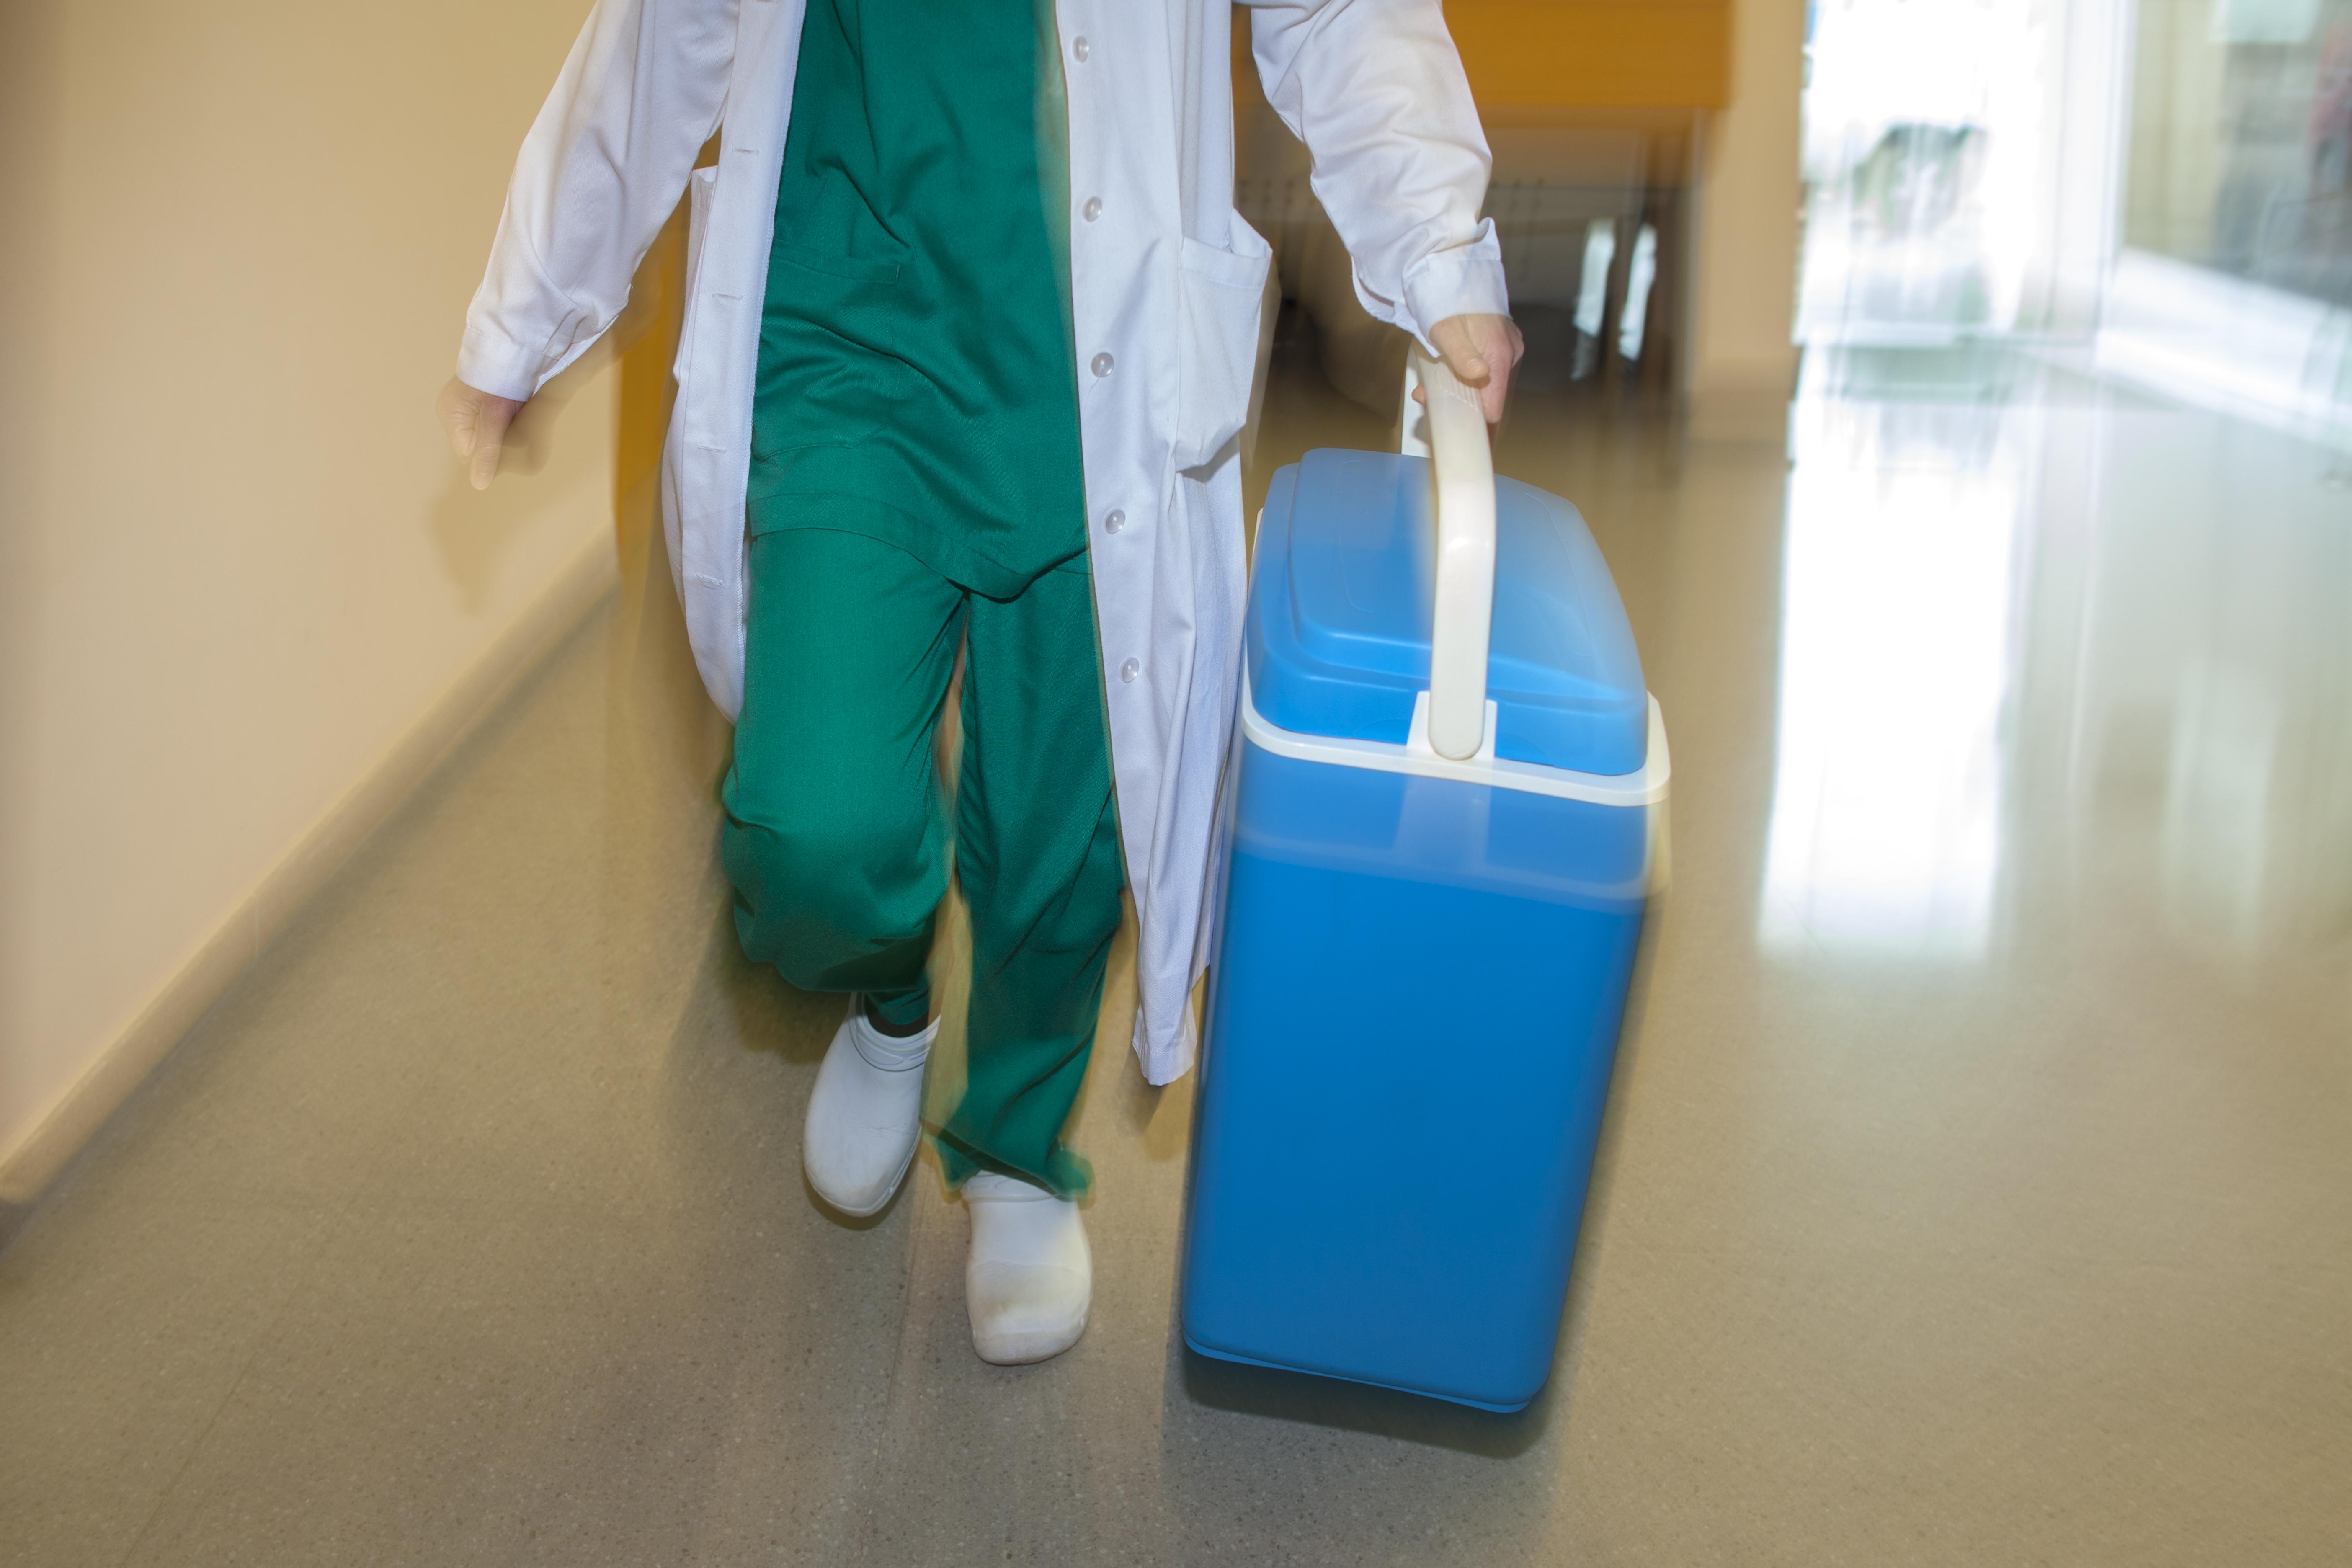 La importancia del hielo enlos trasplantes / The importance of ice in organ transplantations